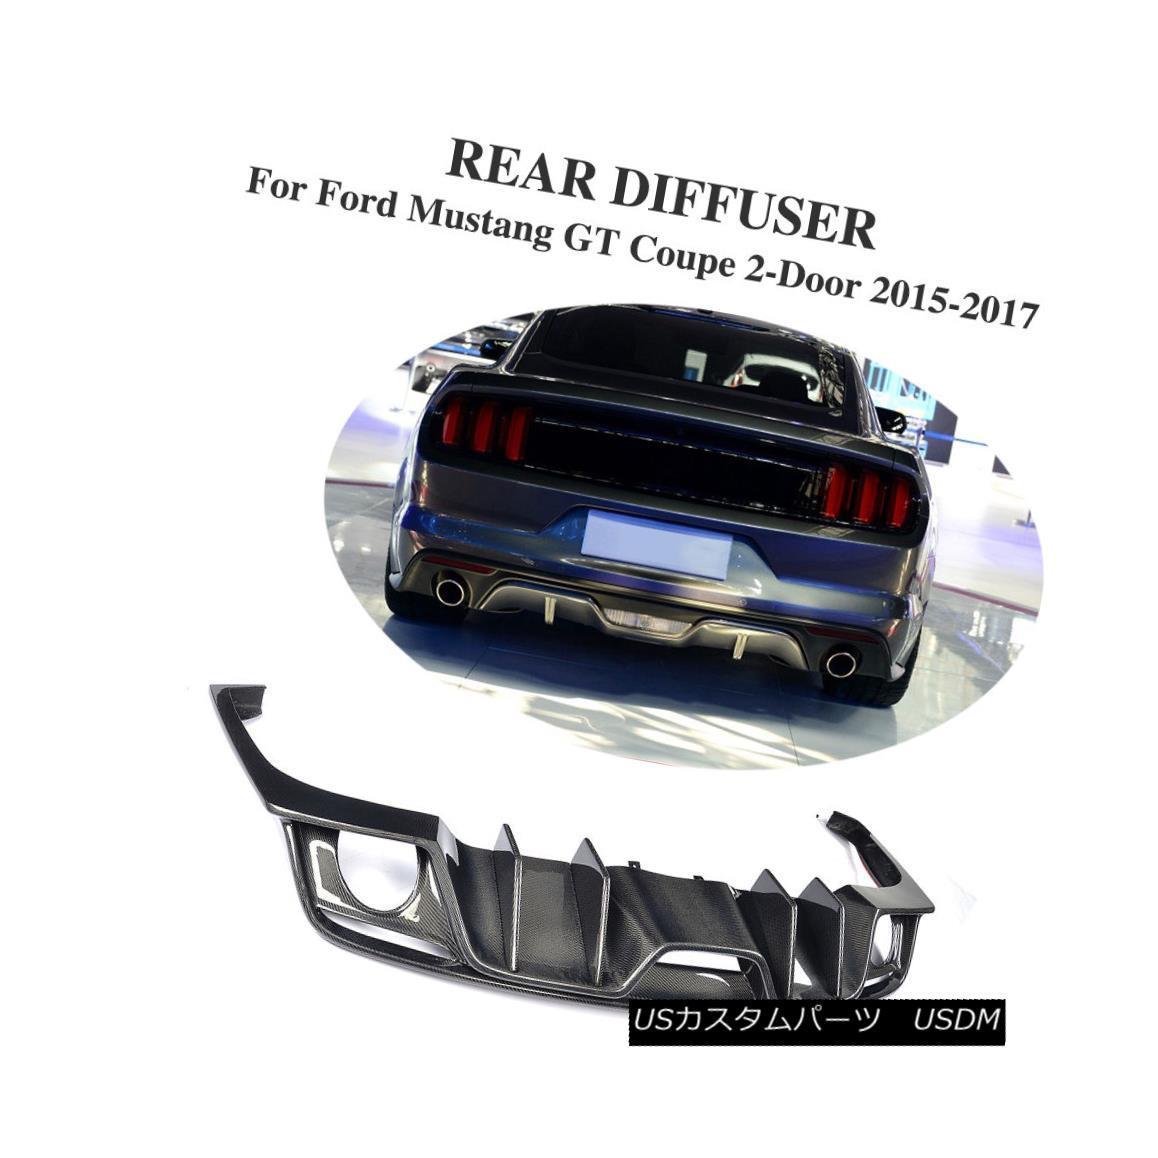 エアロパーツ 1PC Carbon Fiber Rear Bumper Diffuser Lip Spoiler Fit For Ford Mustang 2D 15-17 1PCカーボンファイバーリアバンパーディフューザーリップスポイラーフィットフォードマスタング2D 15-17